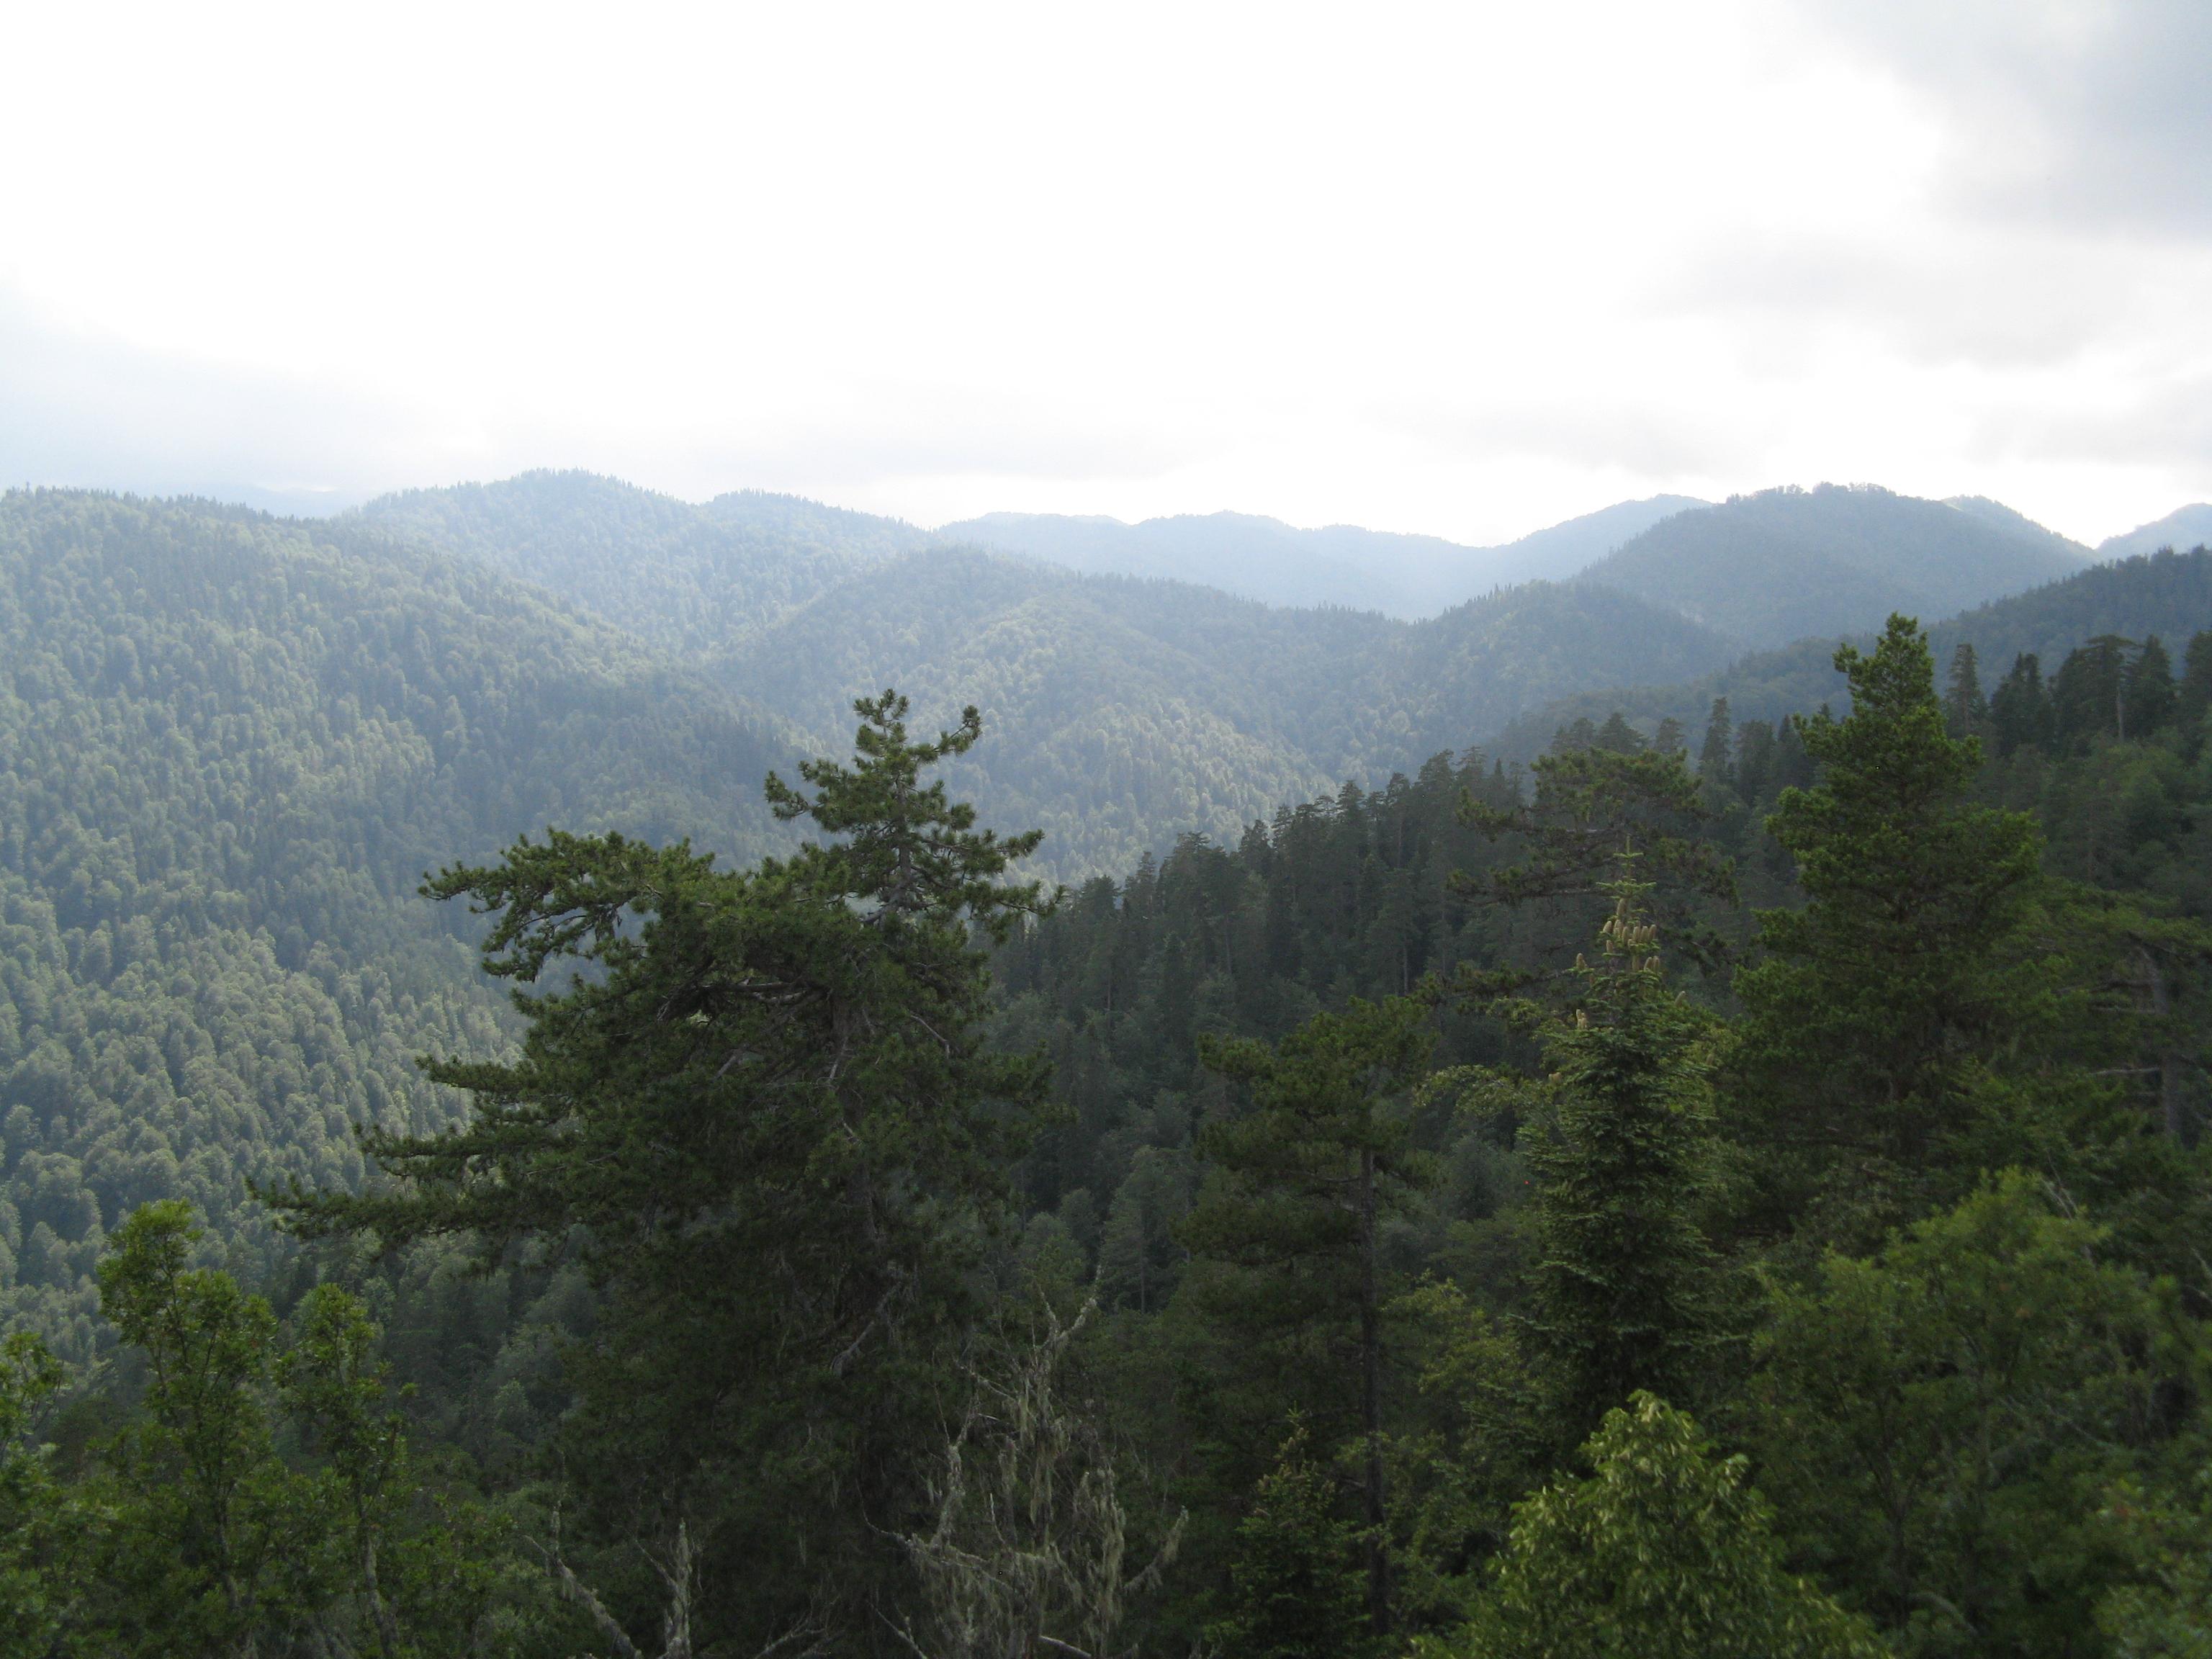 Filepontic Mountains Yedigöller Panoramiojpg Wikimedia Commons